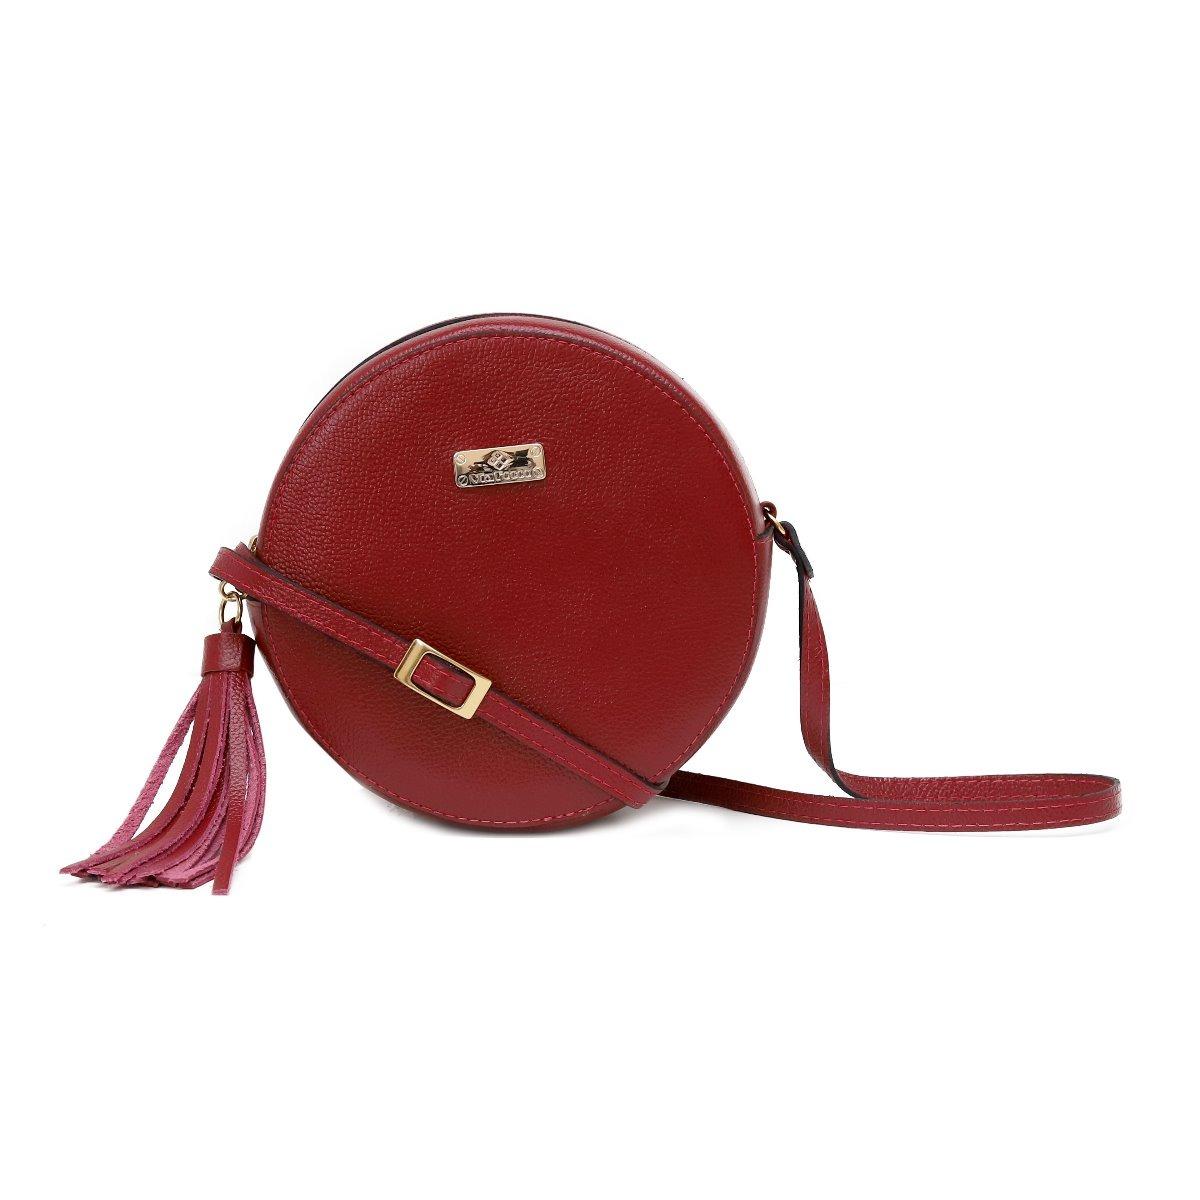 f4faa92bd bolsas femininas couro legítimo redonda original via focco. Carregando zoom.